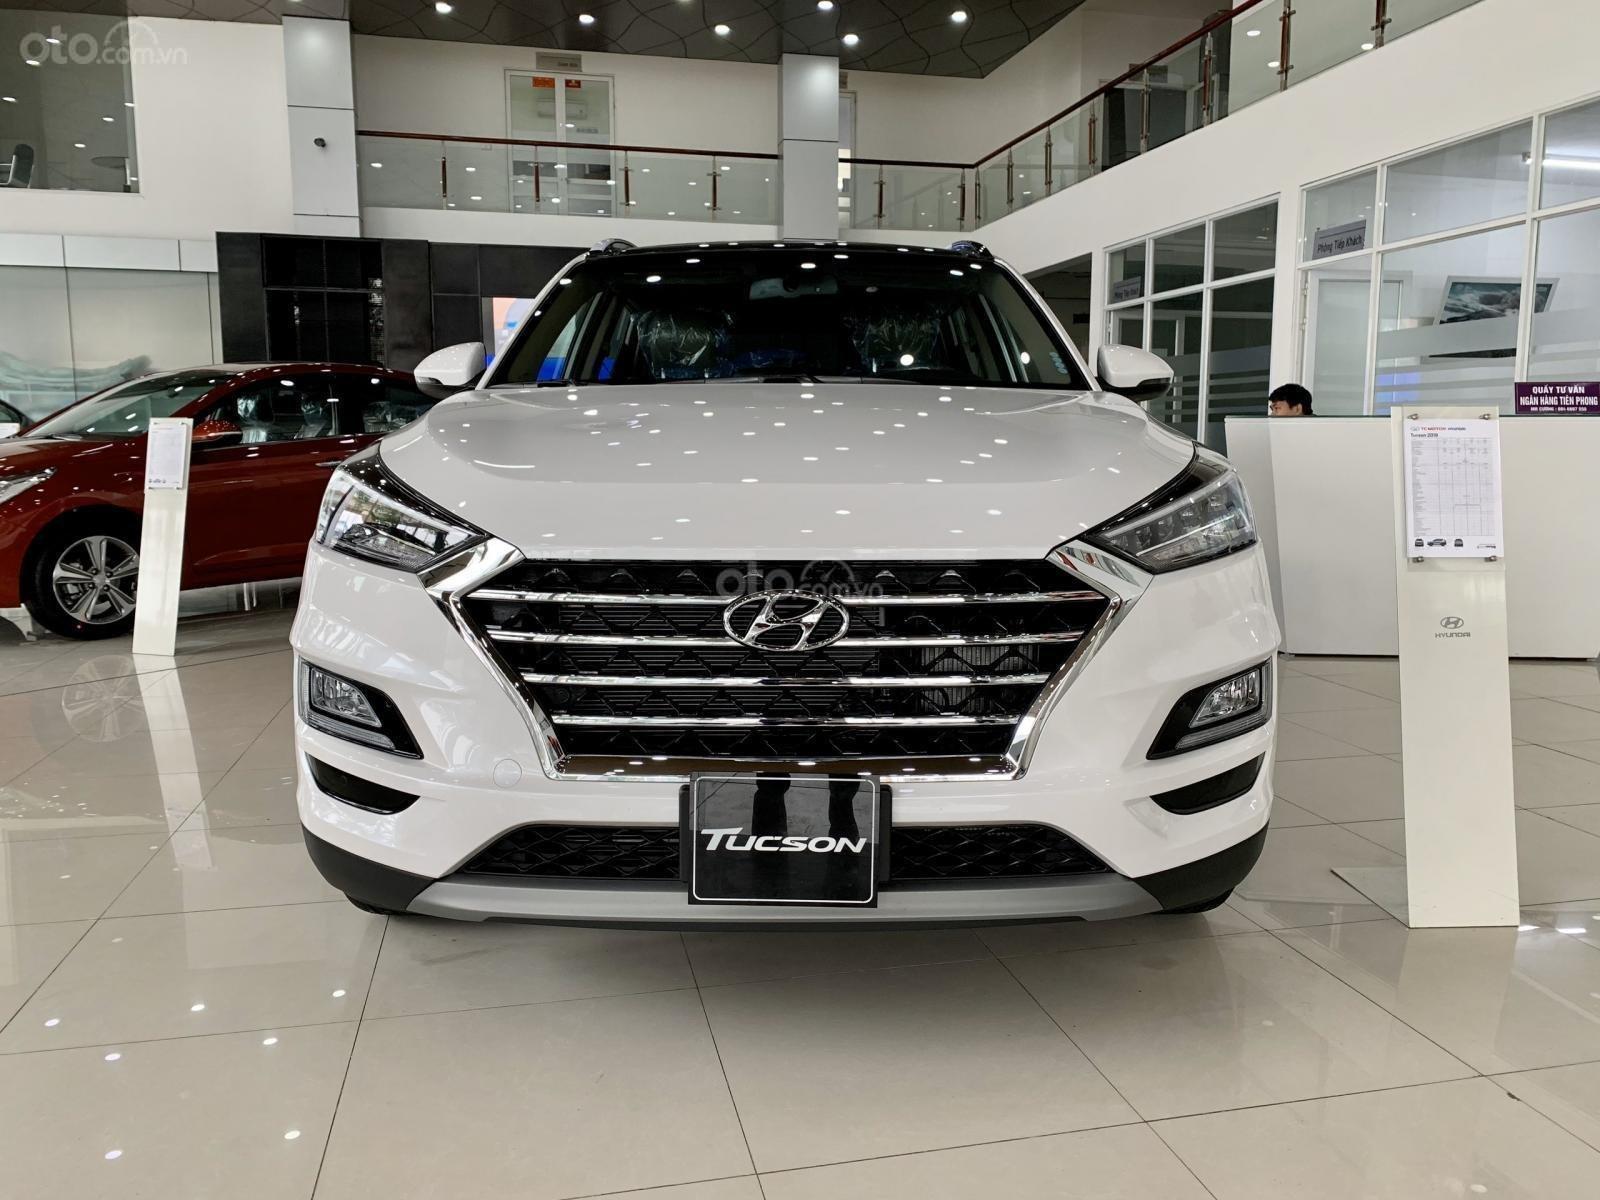 Hyundai Tucson 2020 giảm ngay 50% thuế TB + quà tặng cực kỳ hấp dẫn, trả trước 200 triệu nhận ngay xe (2)